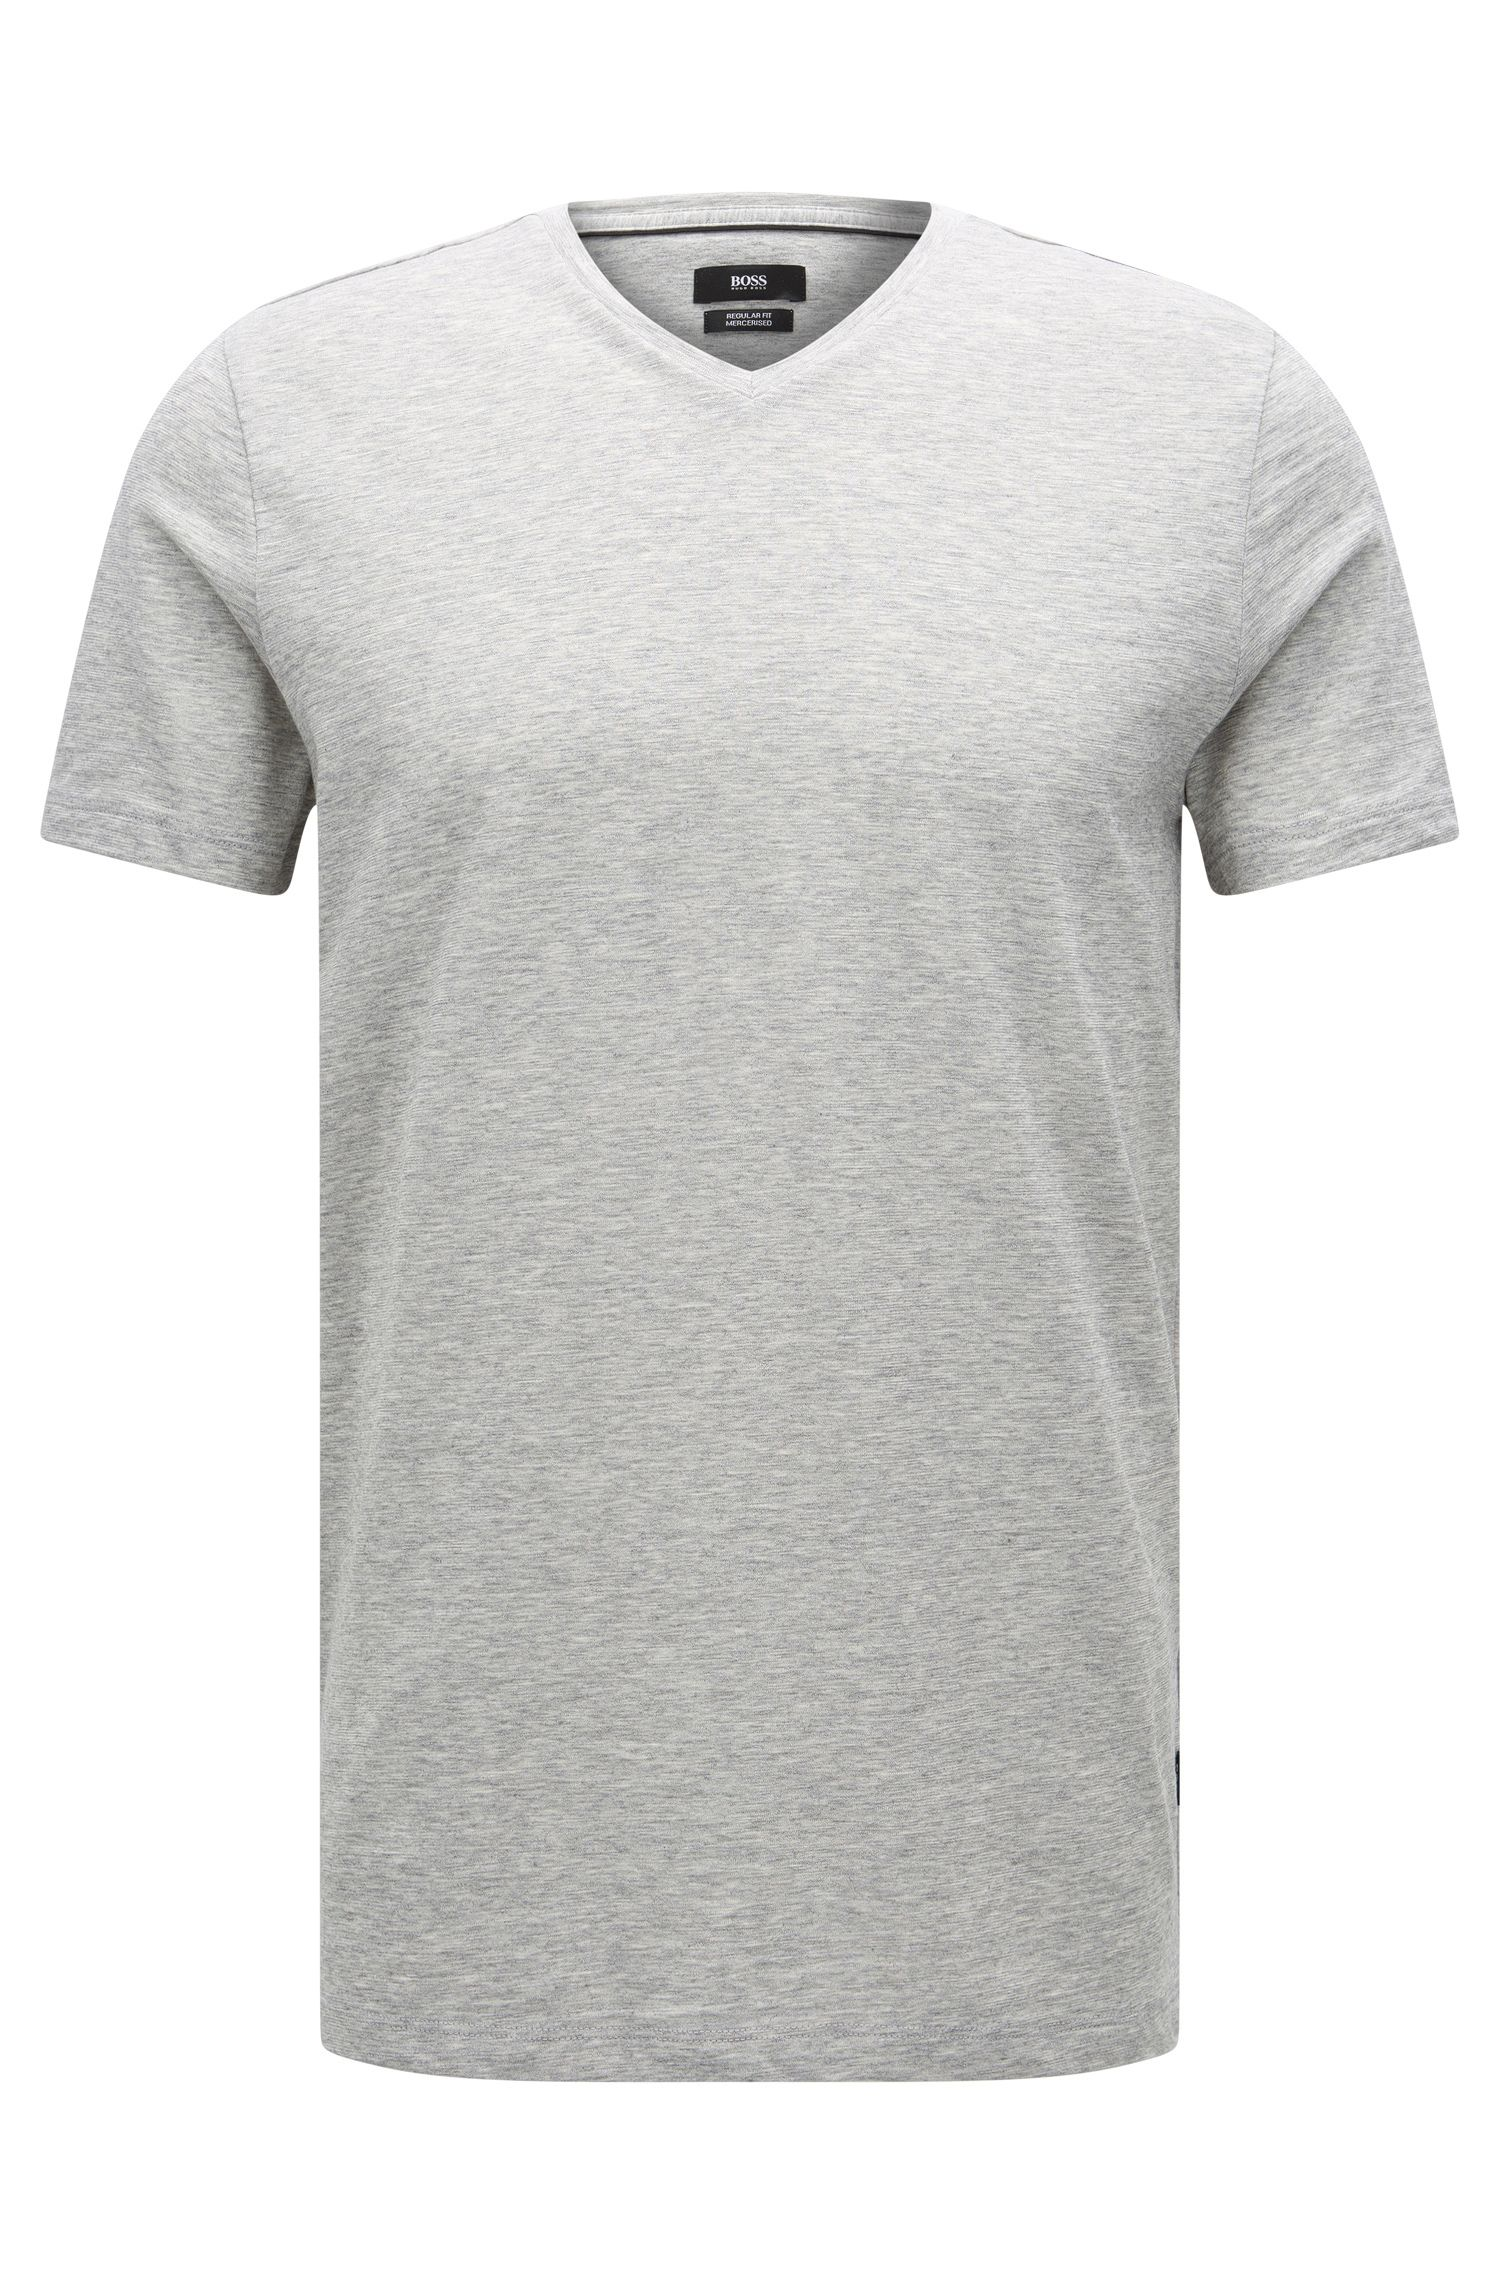 T-shirt regular fit in cotone mercerizzato